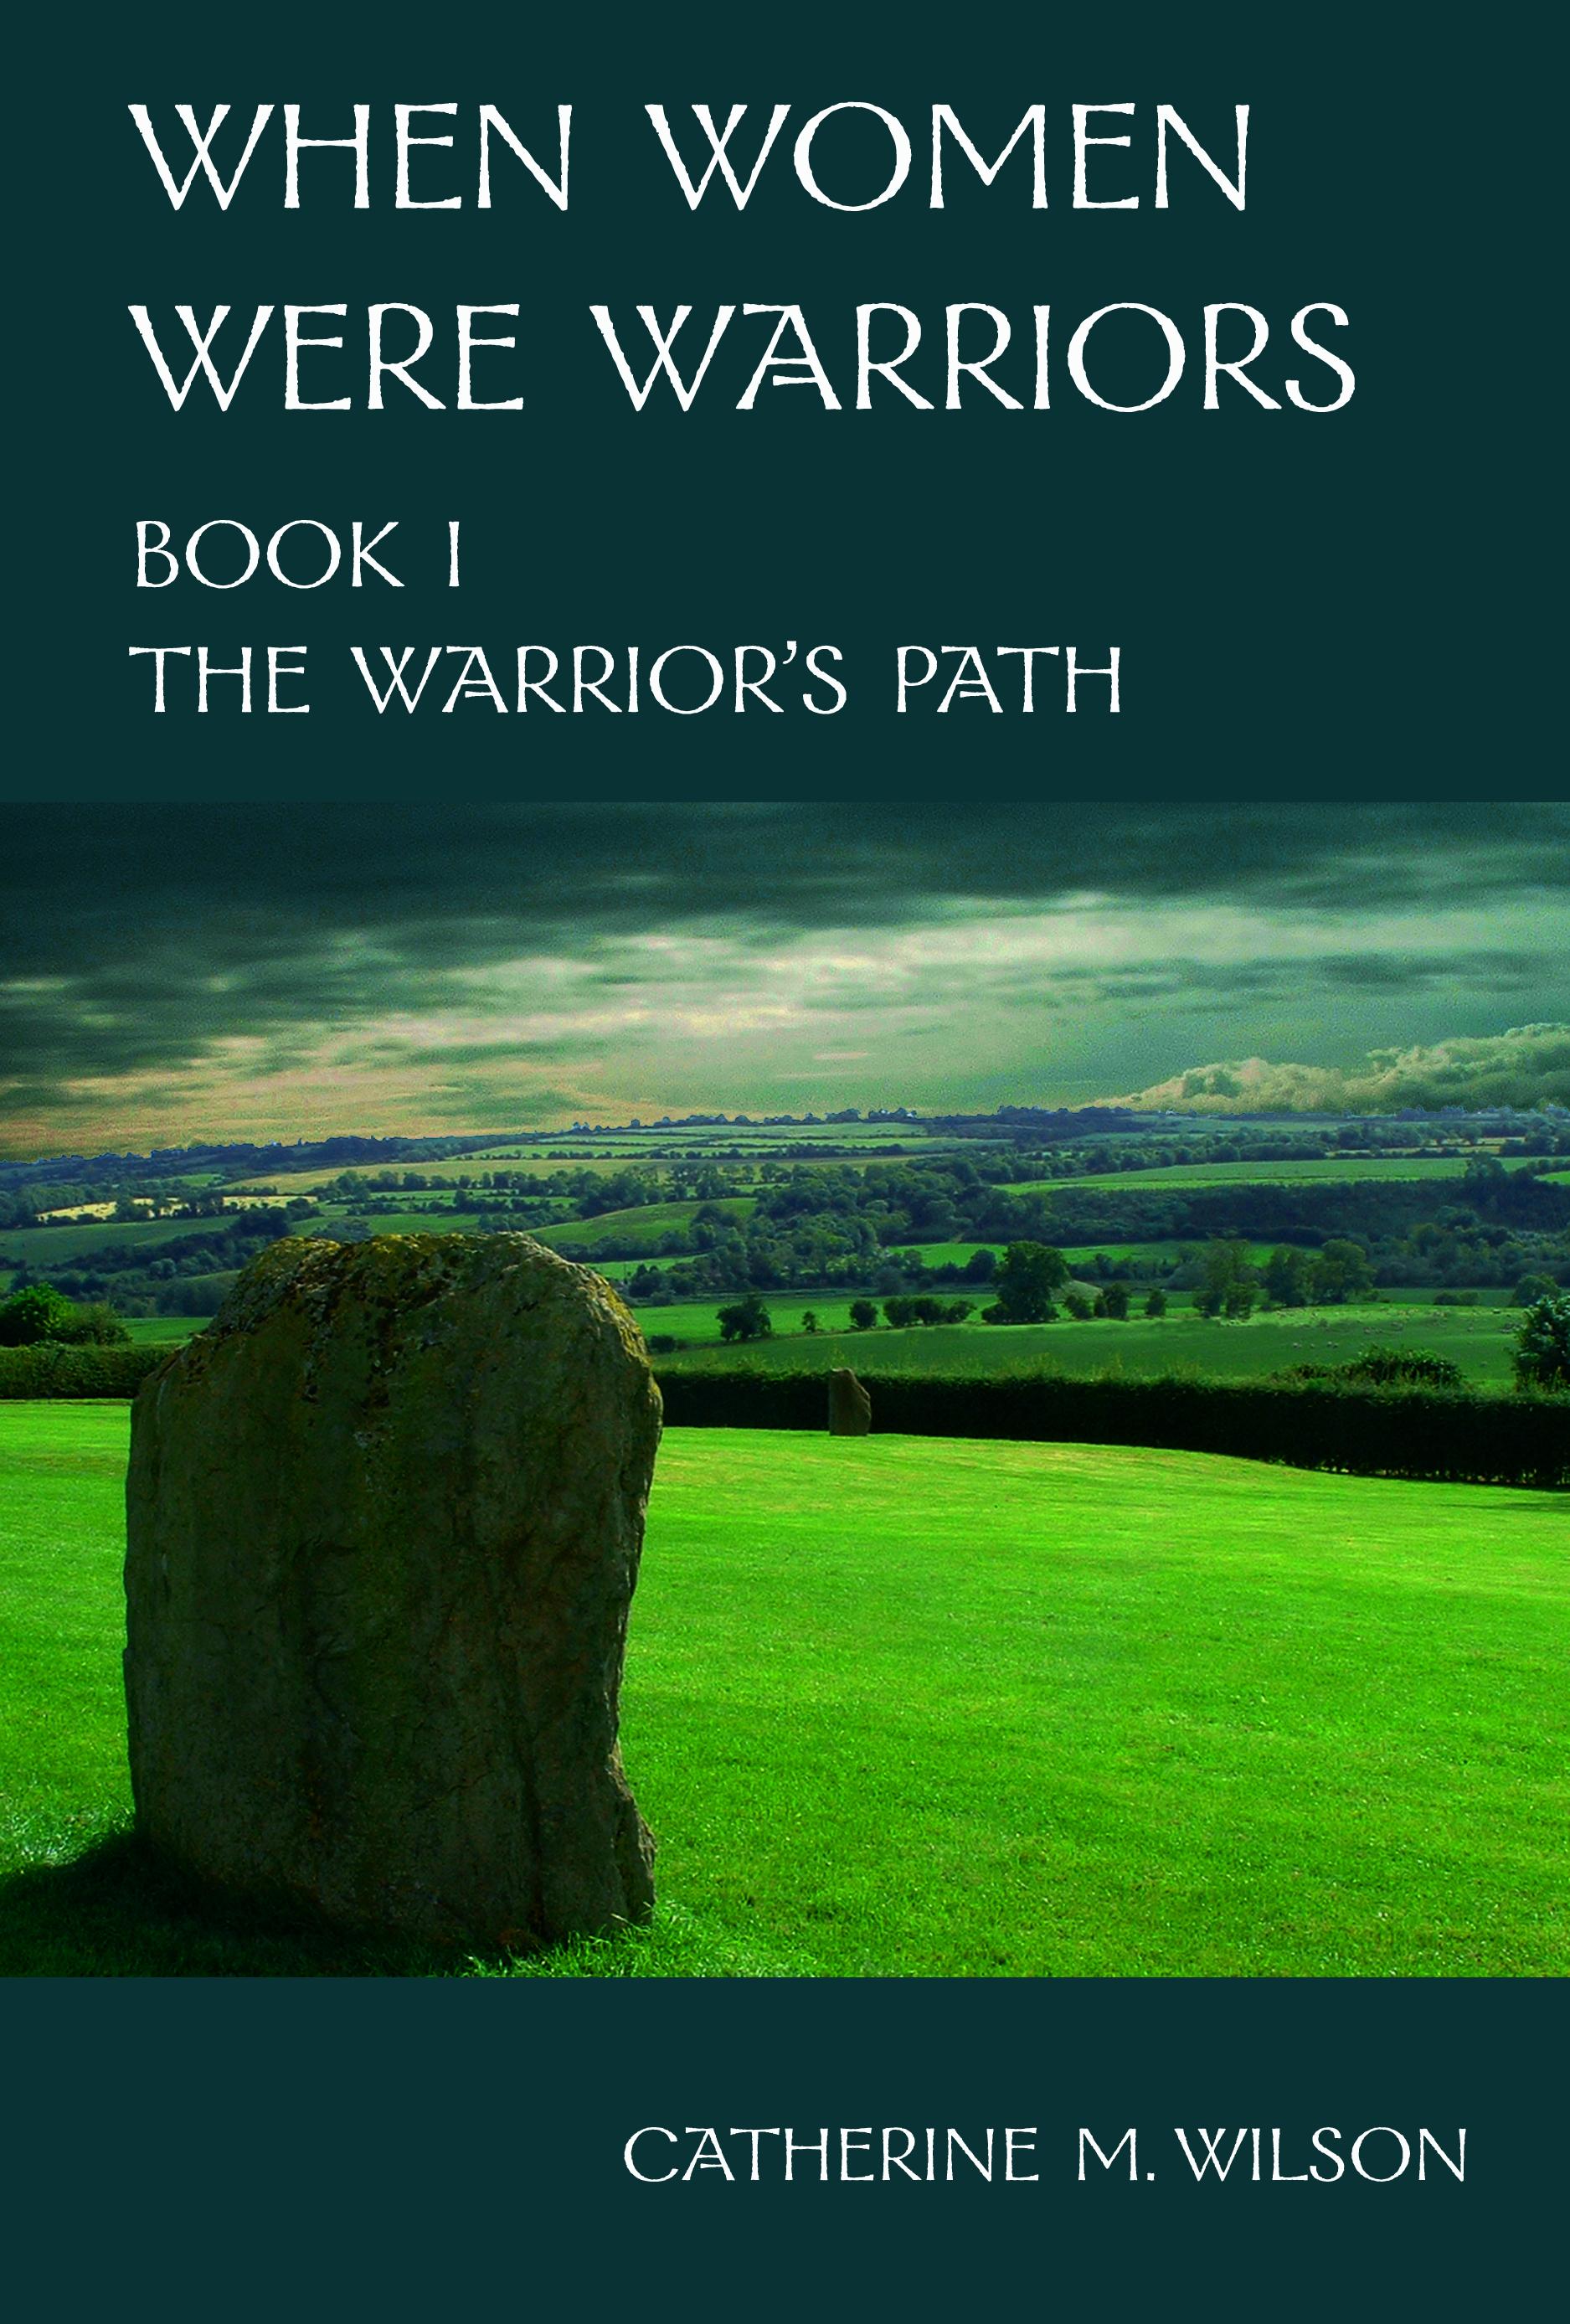 When Women Were Warriors Book I: The Warrior's Path (sst-xxxv)